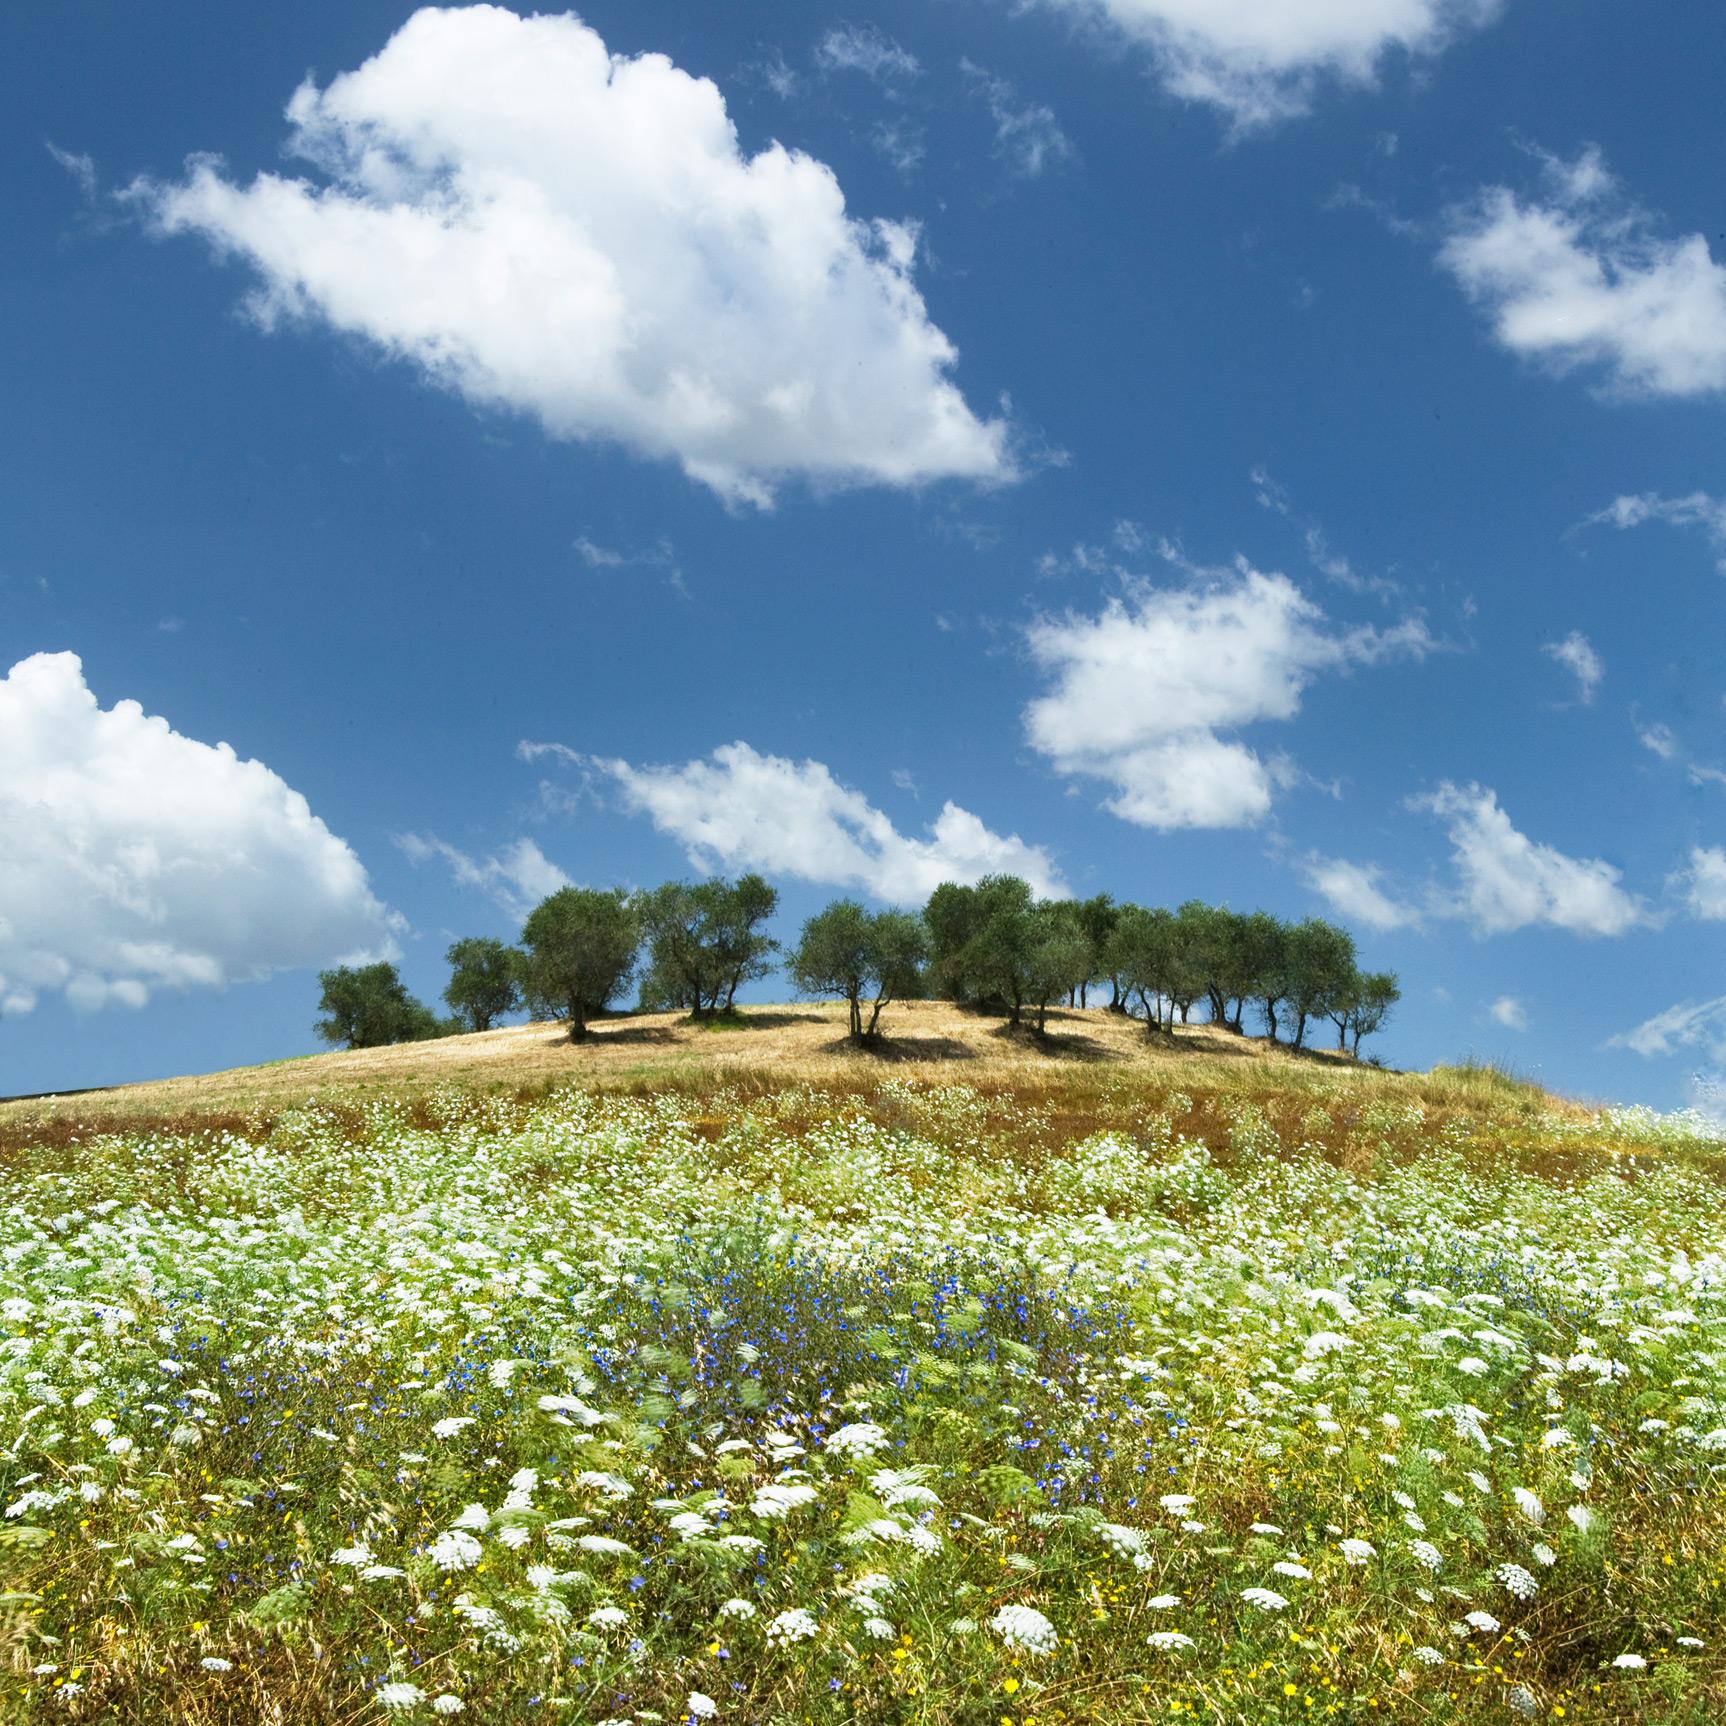 Caliano, Tuscany, Italy (030047)